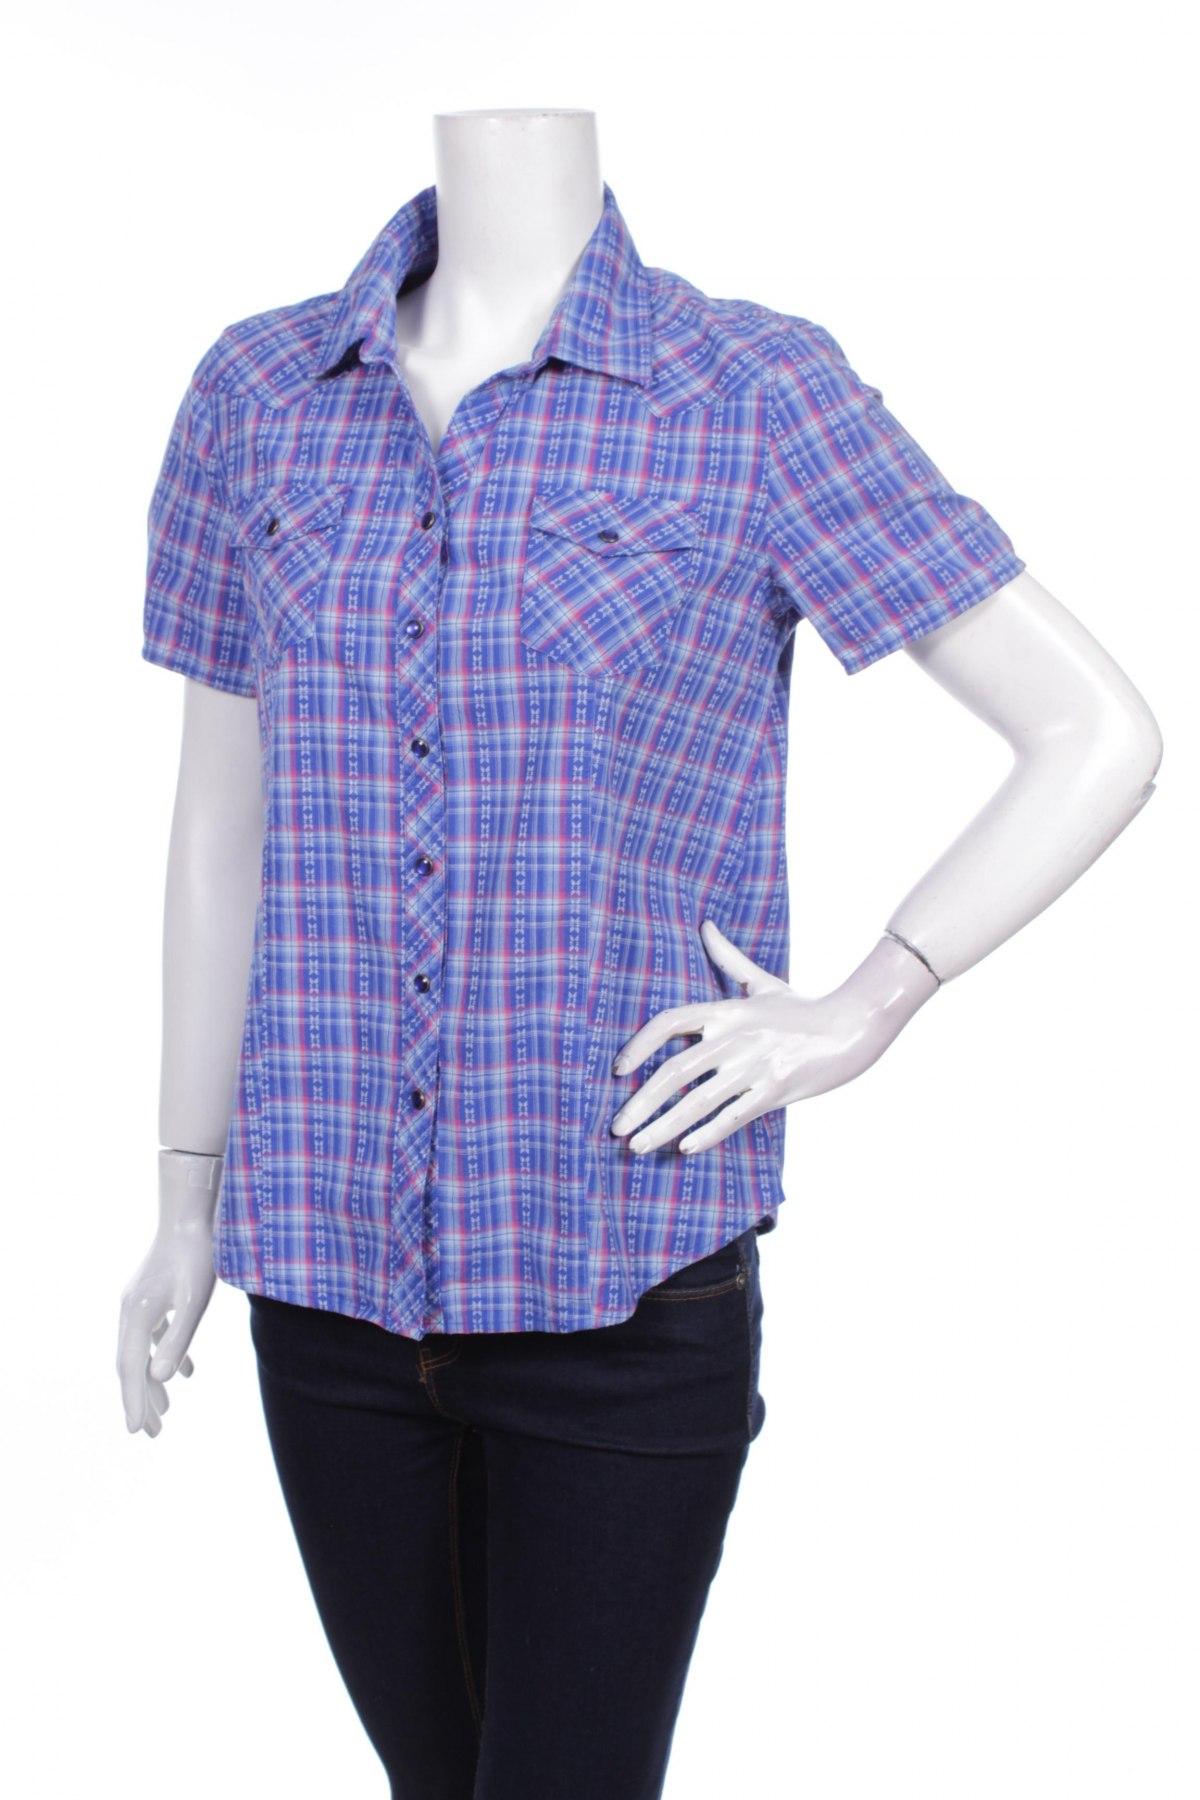 Γυναικείο πουκάμισο Bit & Bridle